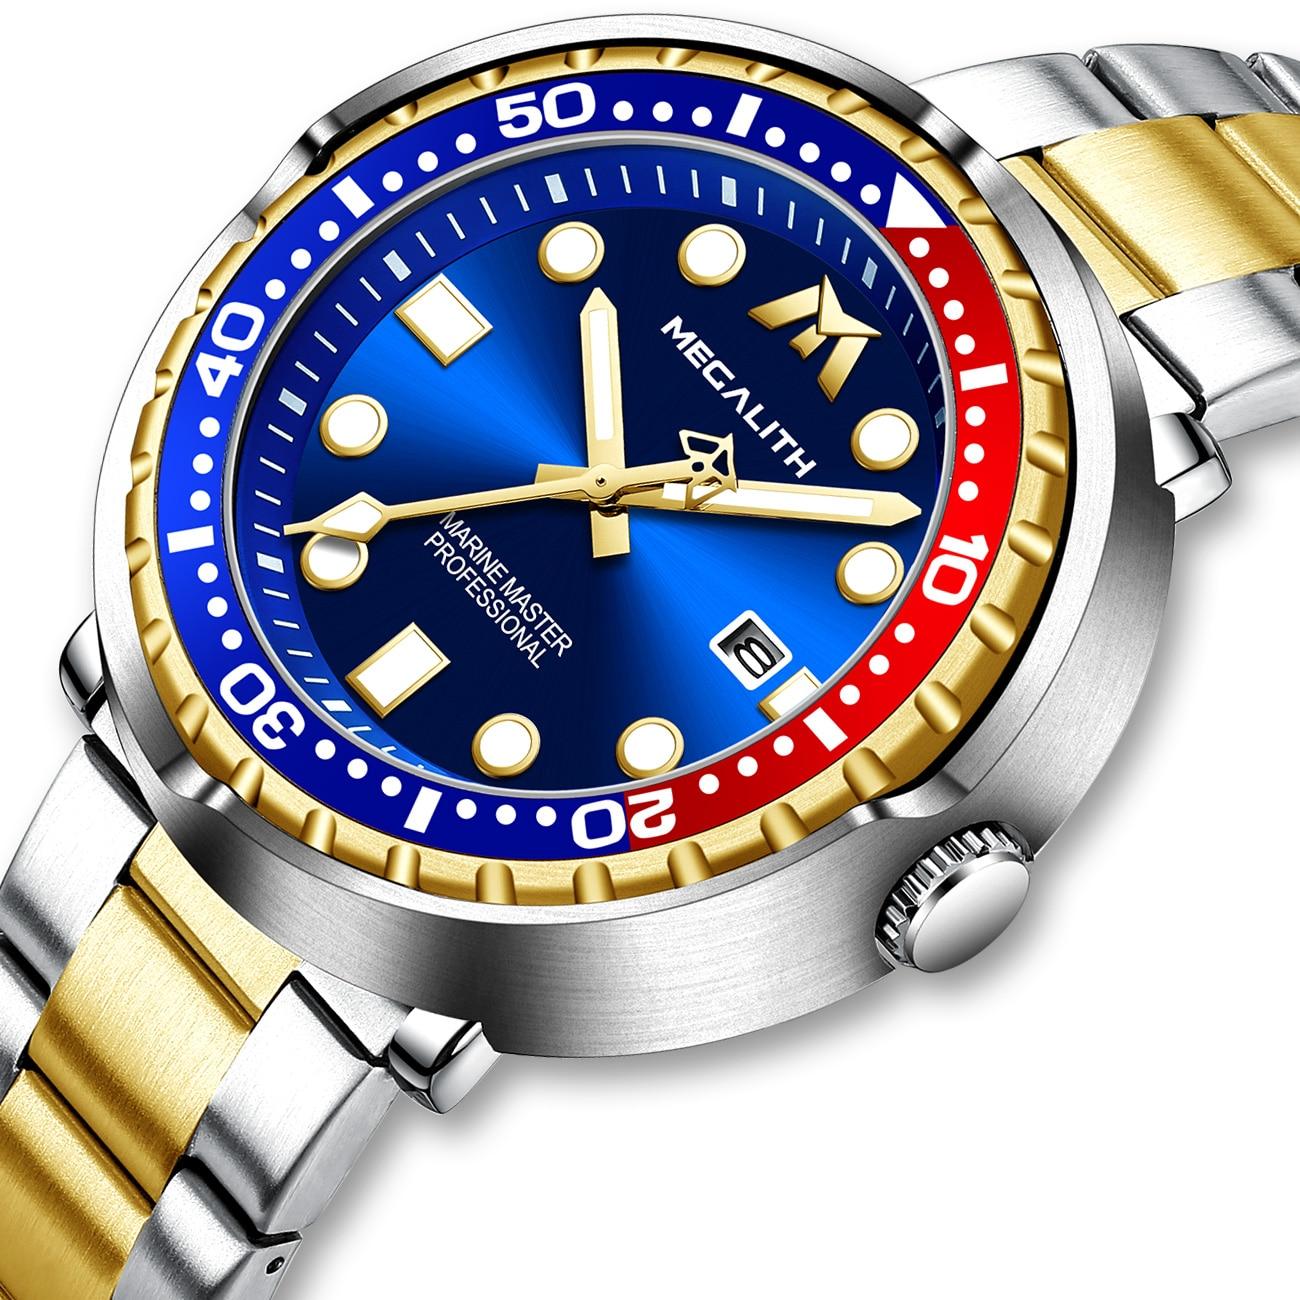 2021 MEGALITH Новые Полностью стальные часы для дайвинга мужские спортивные кварцевые часы мужские водонепроницаемые светящиеся Роскошные нару...